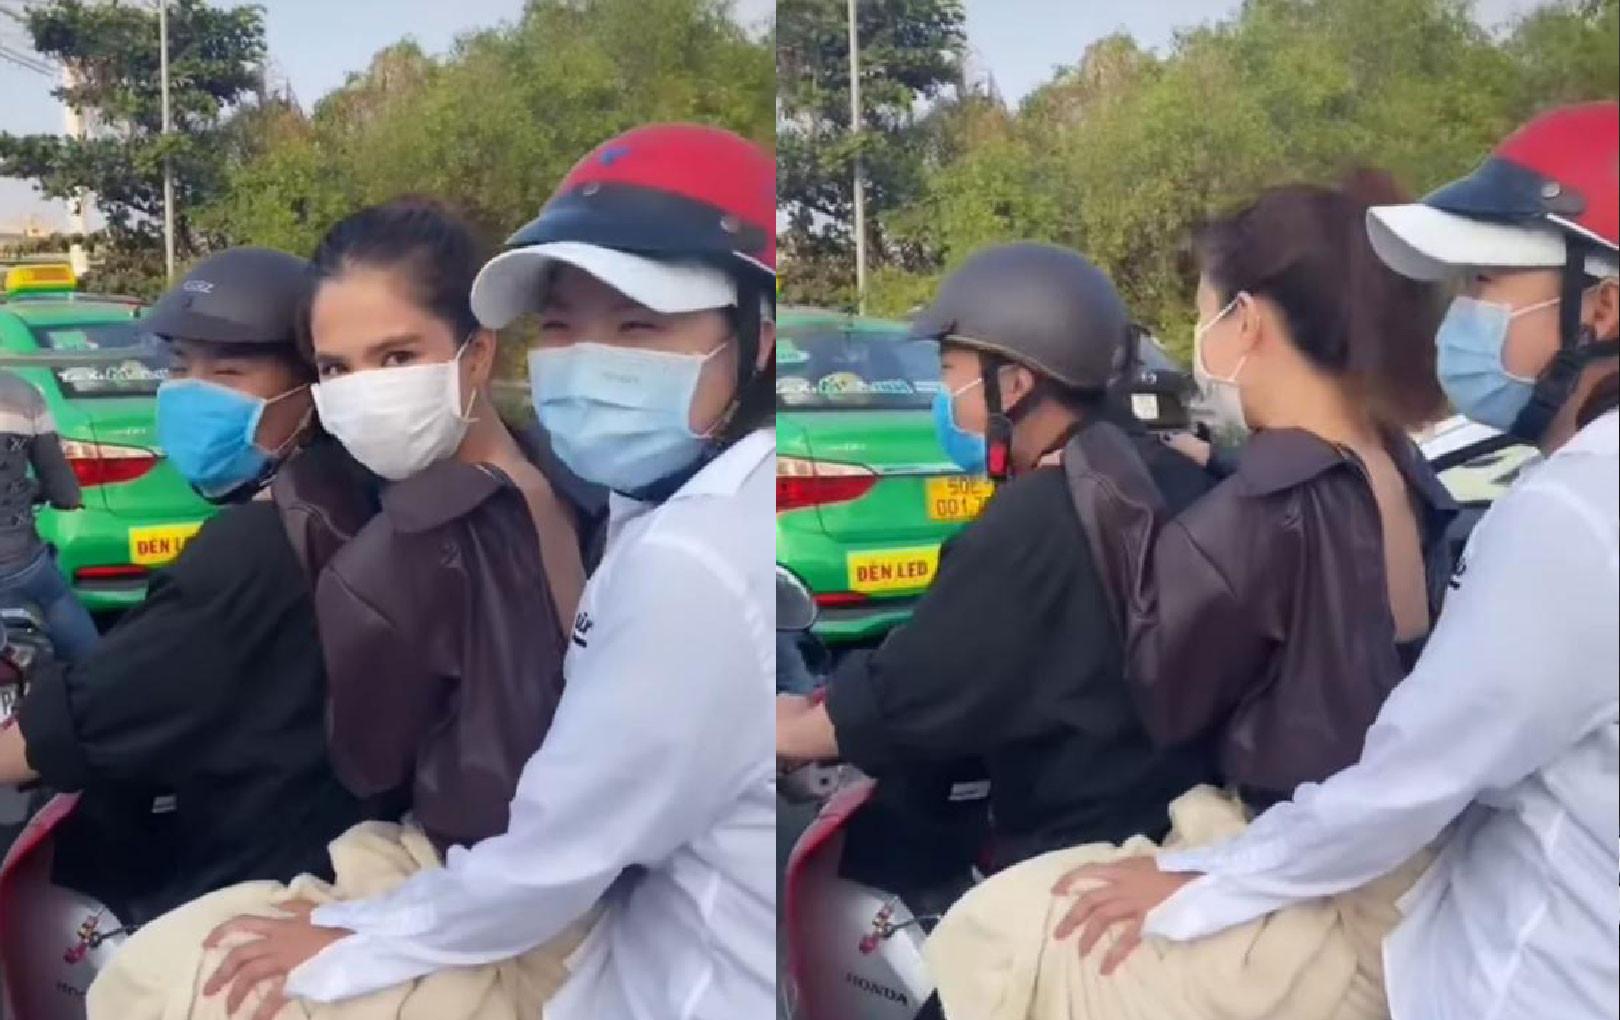 Ngọc Trinh không đội mũ bảo hiểm, chở 3 trên đường